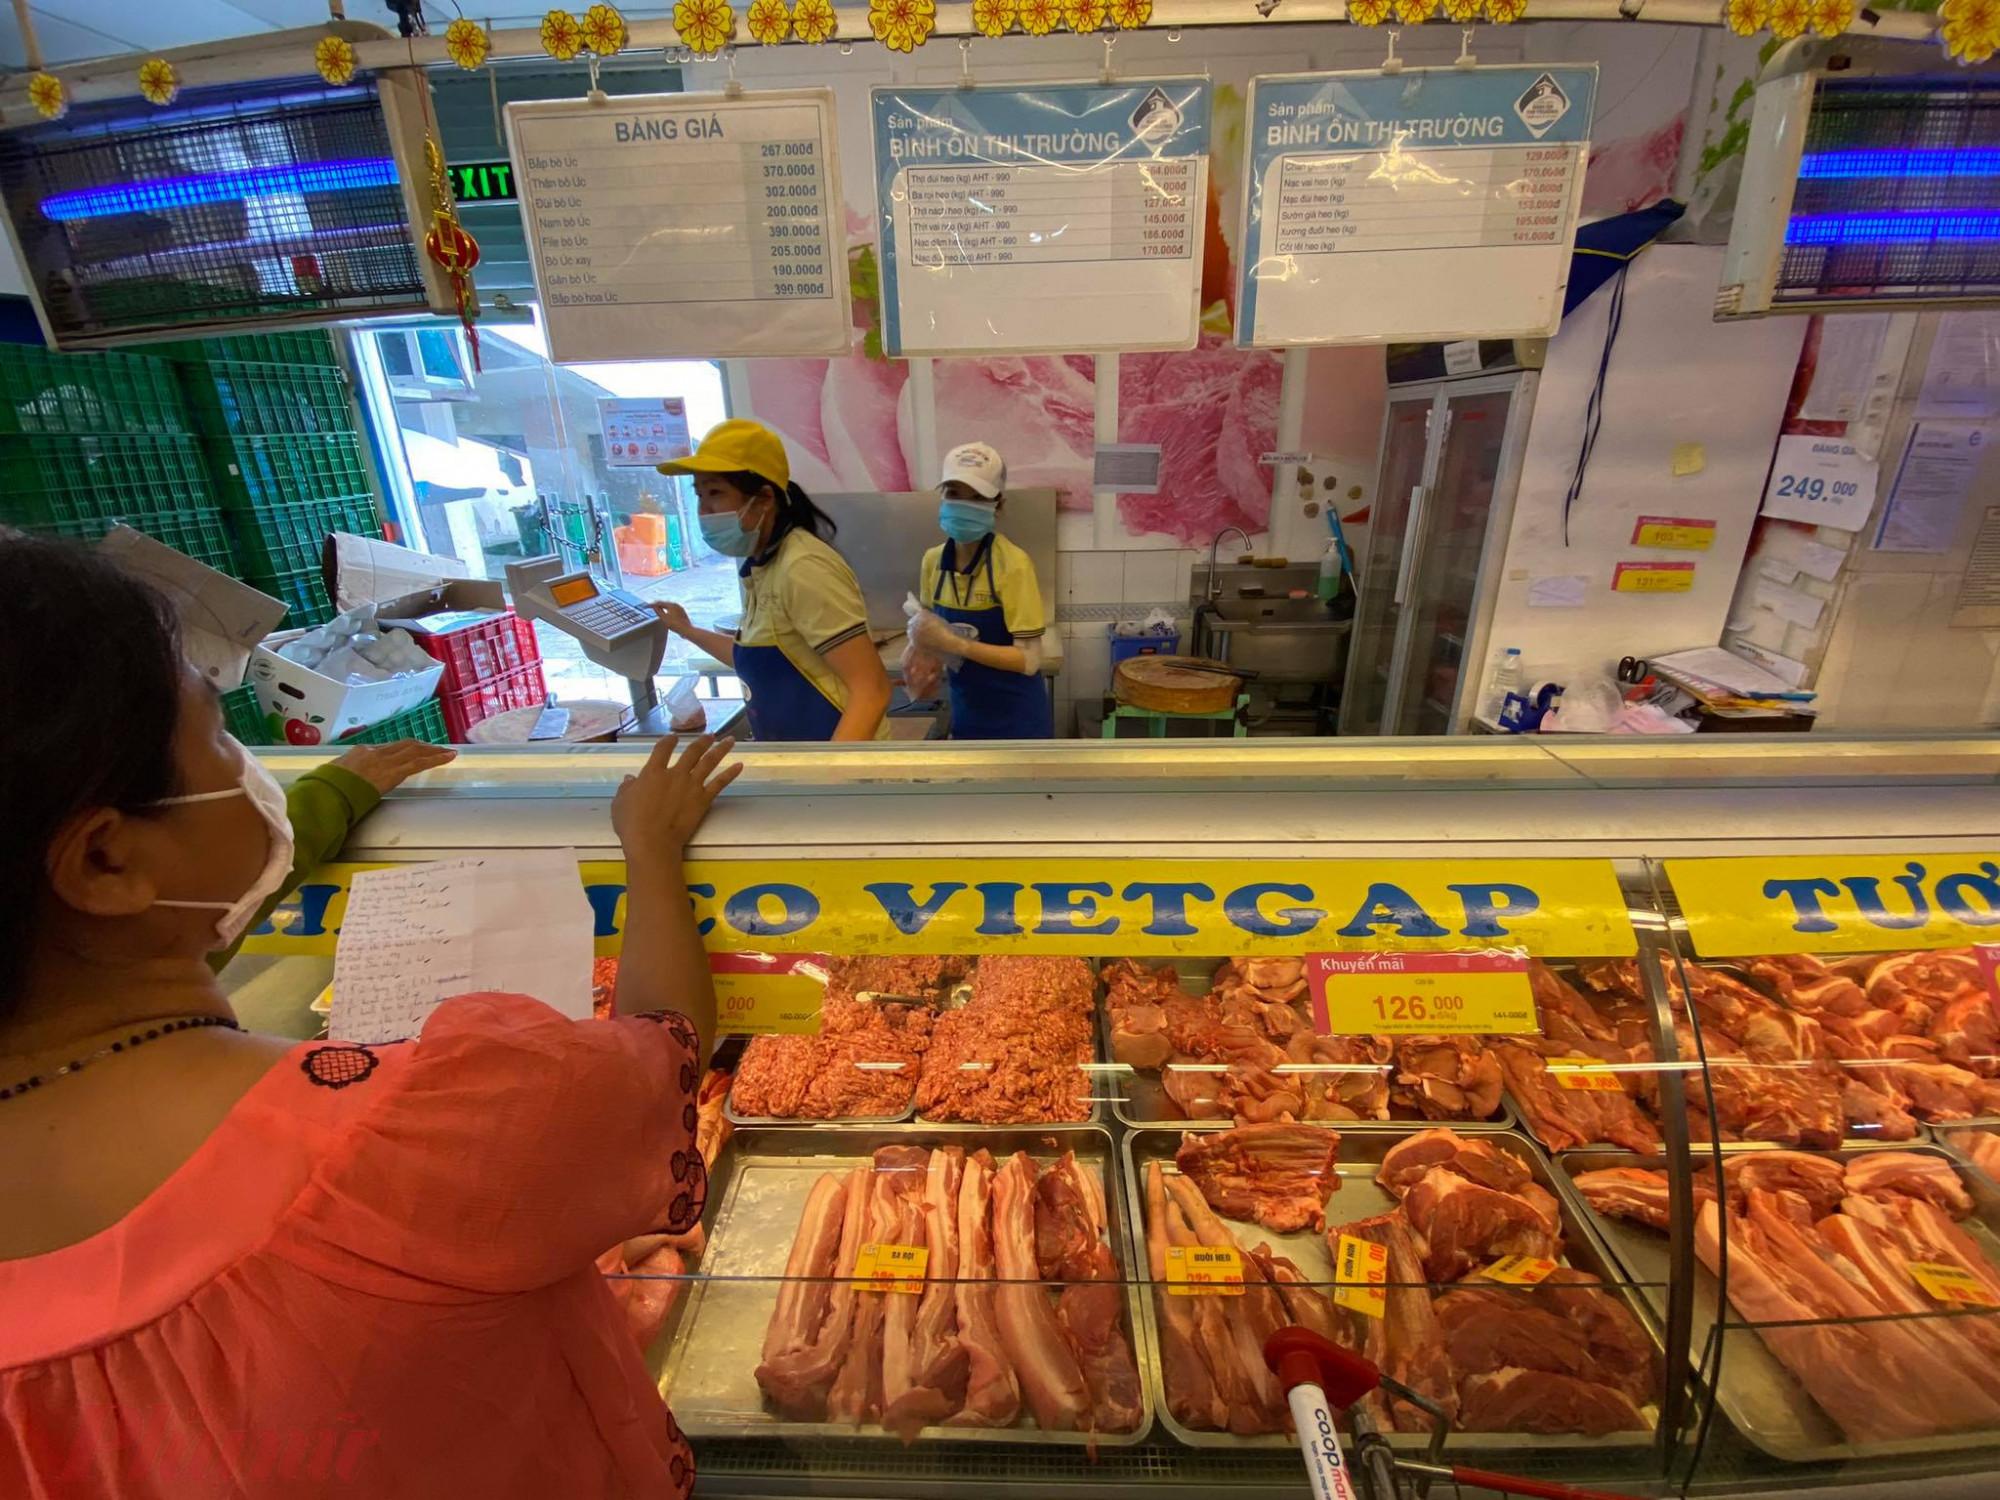 Vissan sẽ ngừng cấp thịt heo mảnh về siêu thị, cửa hàng trong vài tuần vì liên quan đến các ca nhiễm COVID-19 tại nhà máy. Ảnh: Quốc Thái